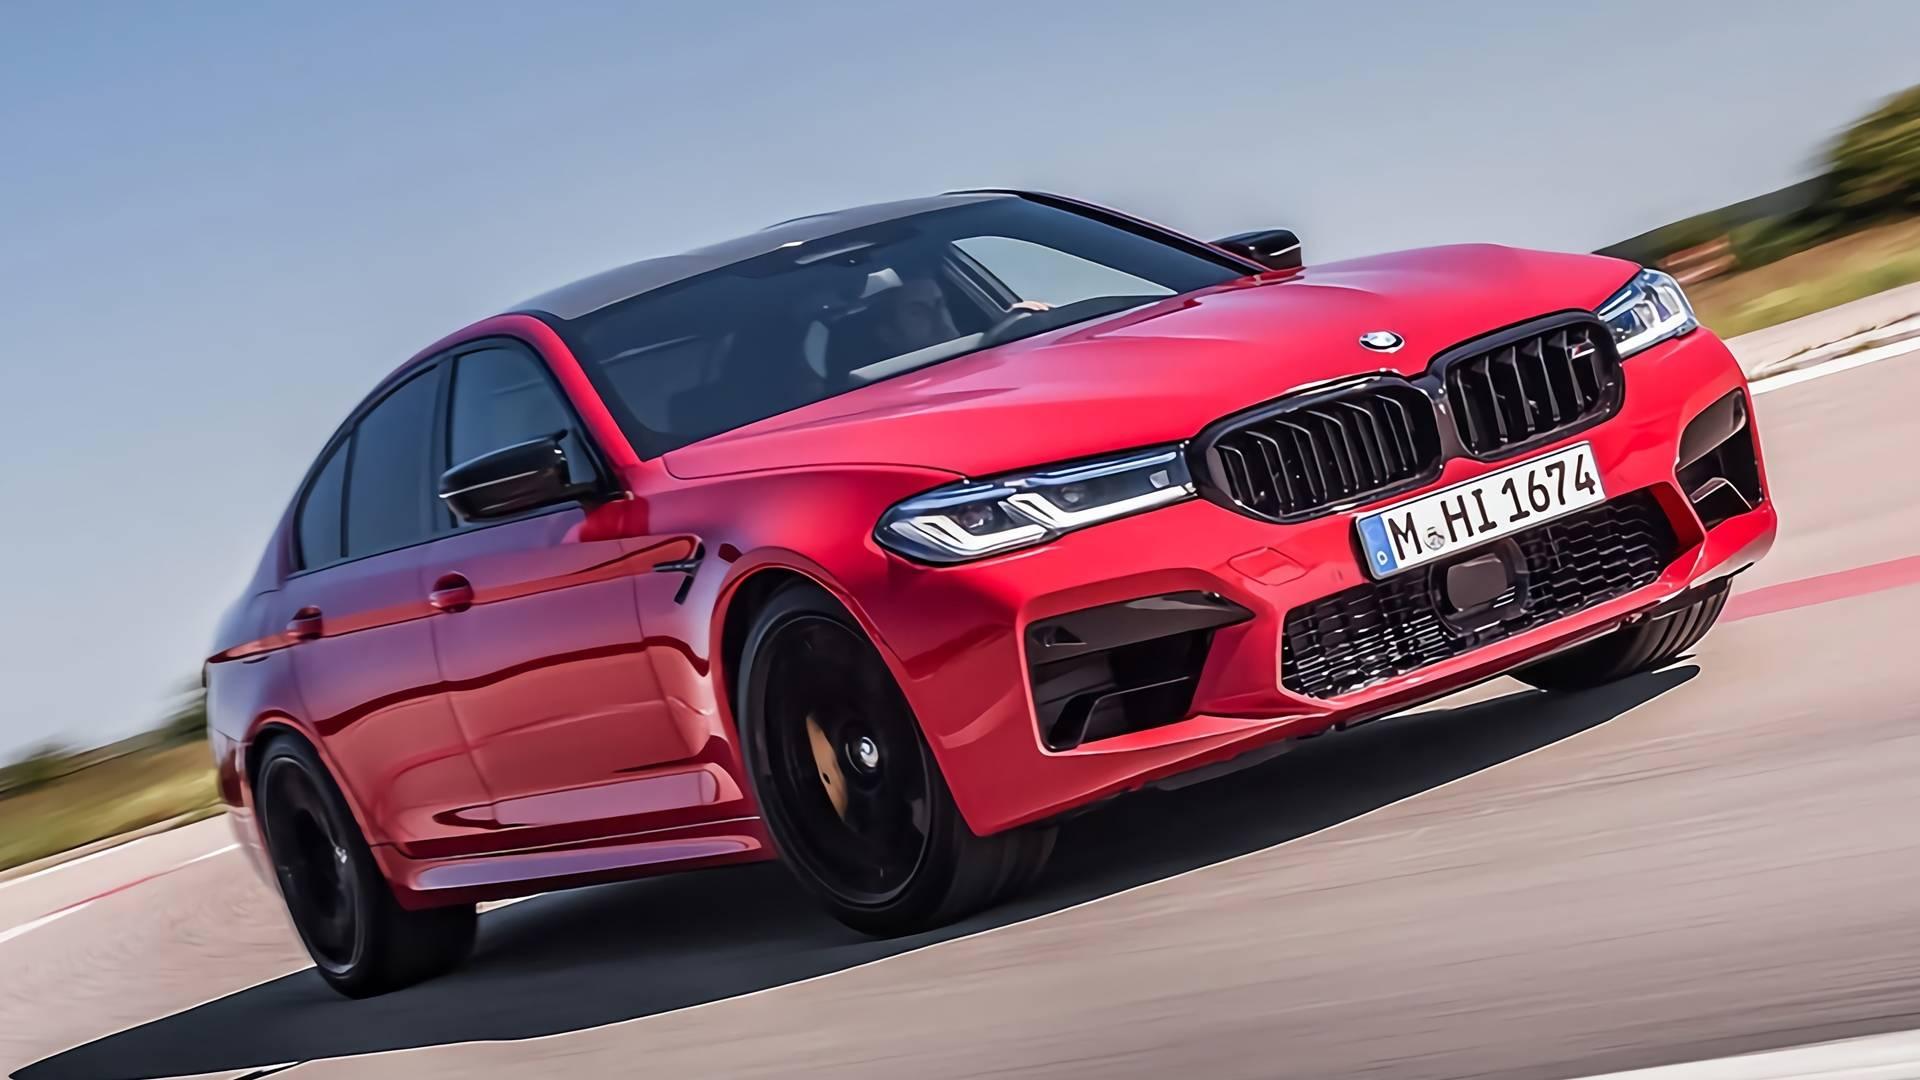 Совсем недавно появились первые снимки рестайлингового BMW M5, а теперь прошла его полноценная премьера. Дизайн изменён по образцу стандартной «пятёрки», а подвеска стала комфортнее.